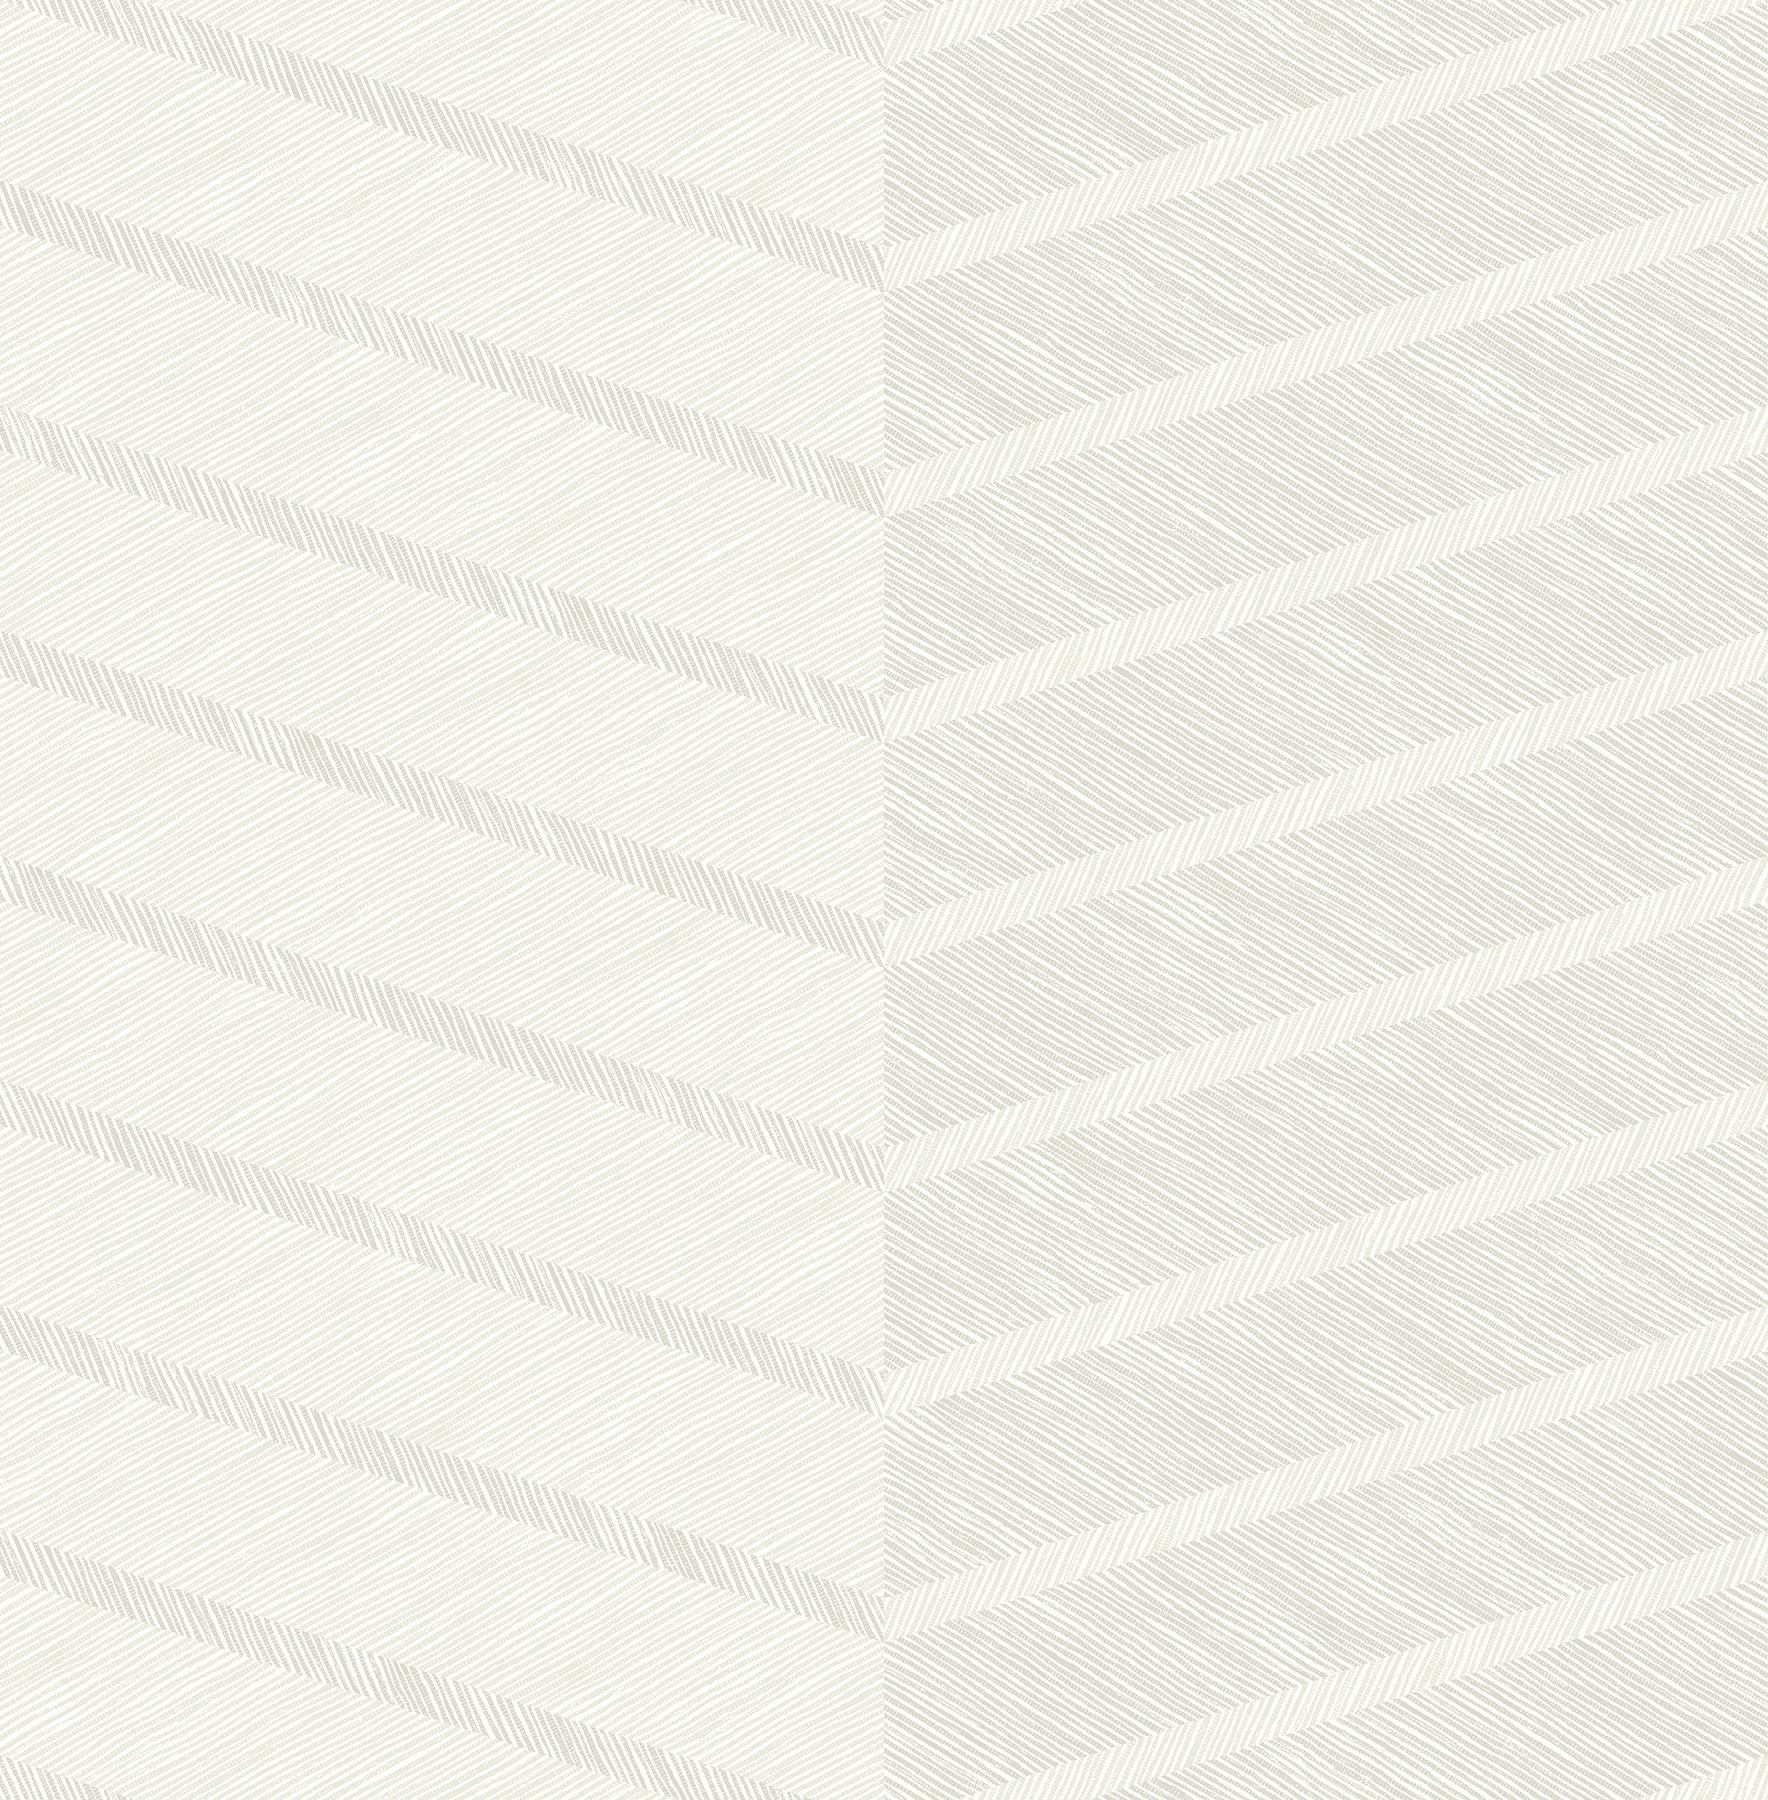 Picture of Aspen White Chevron Wallpaper